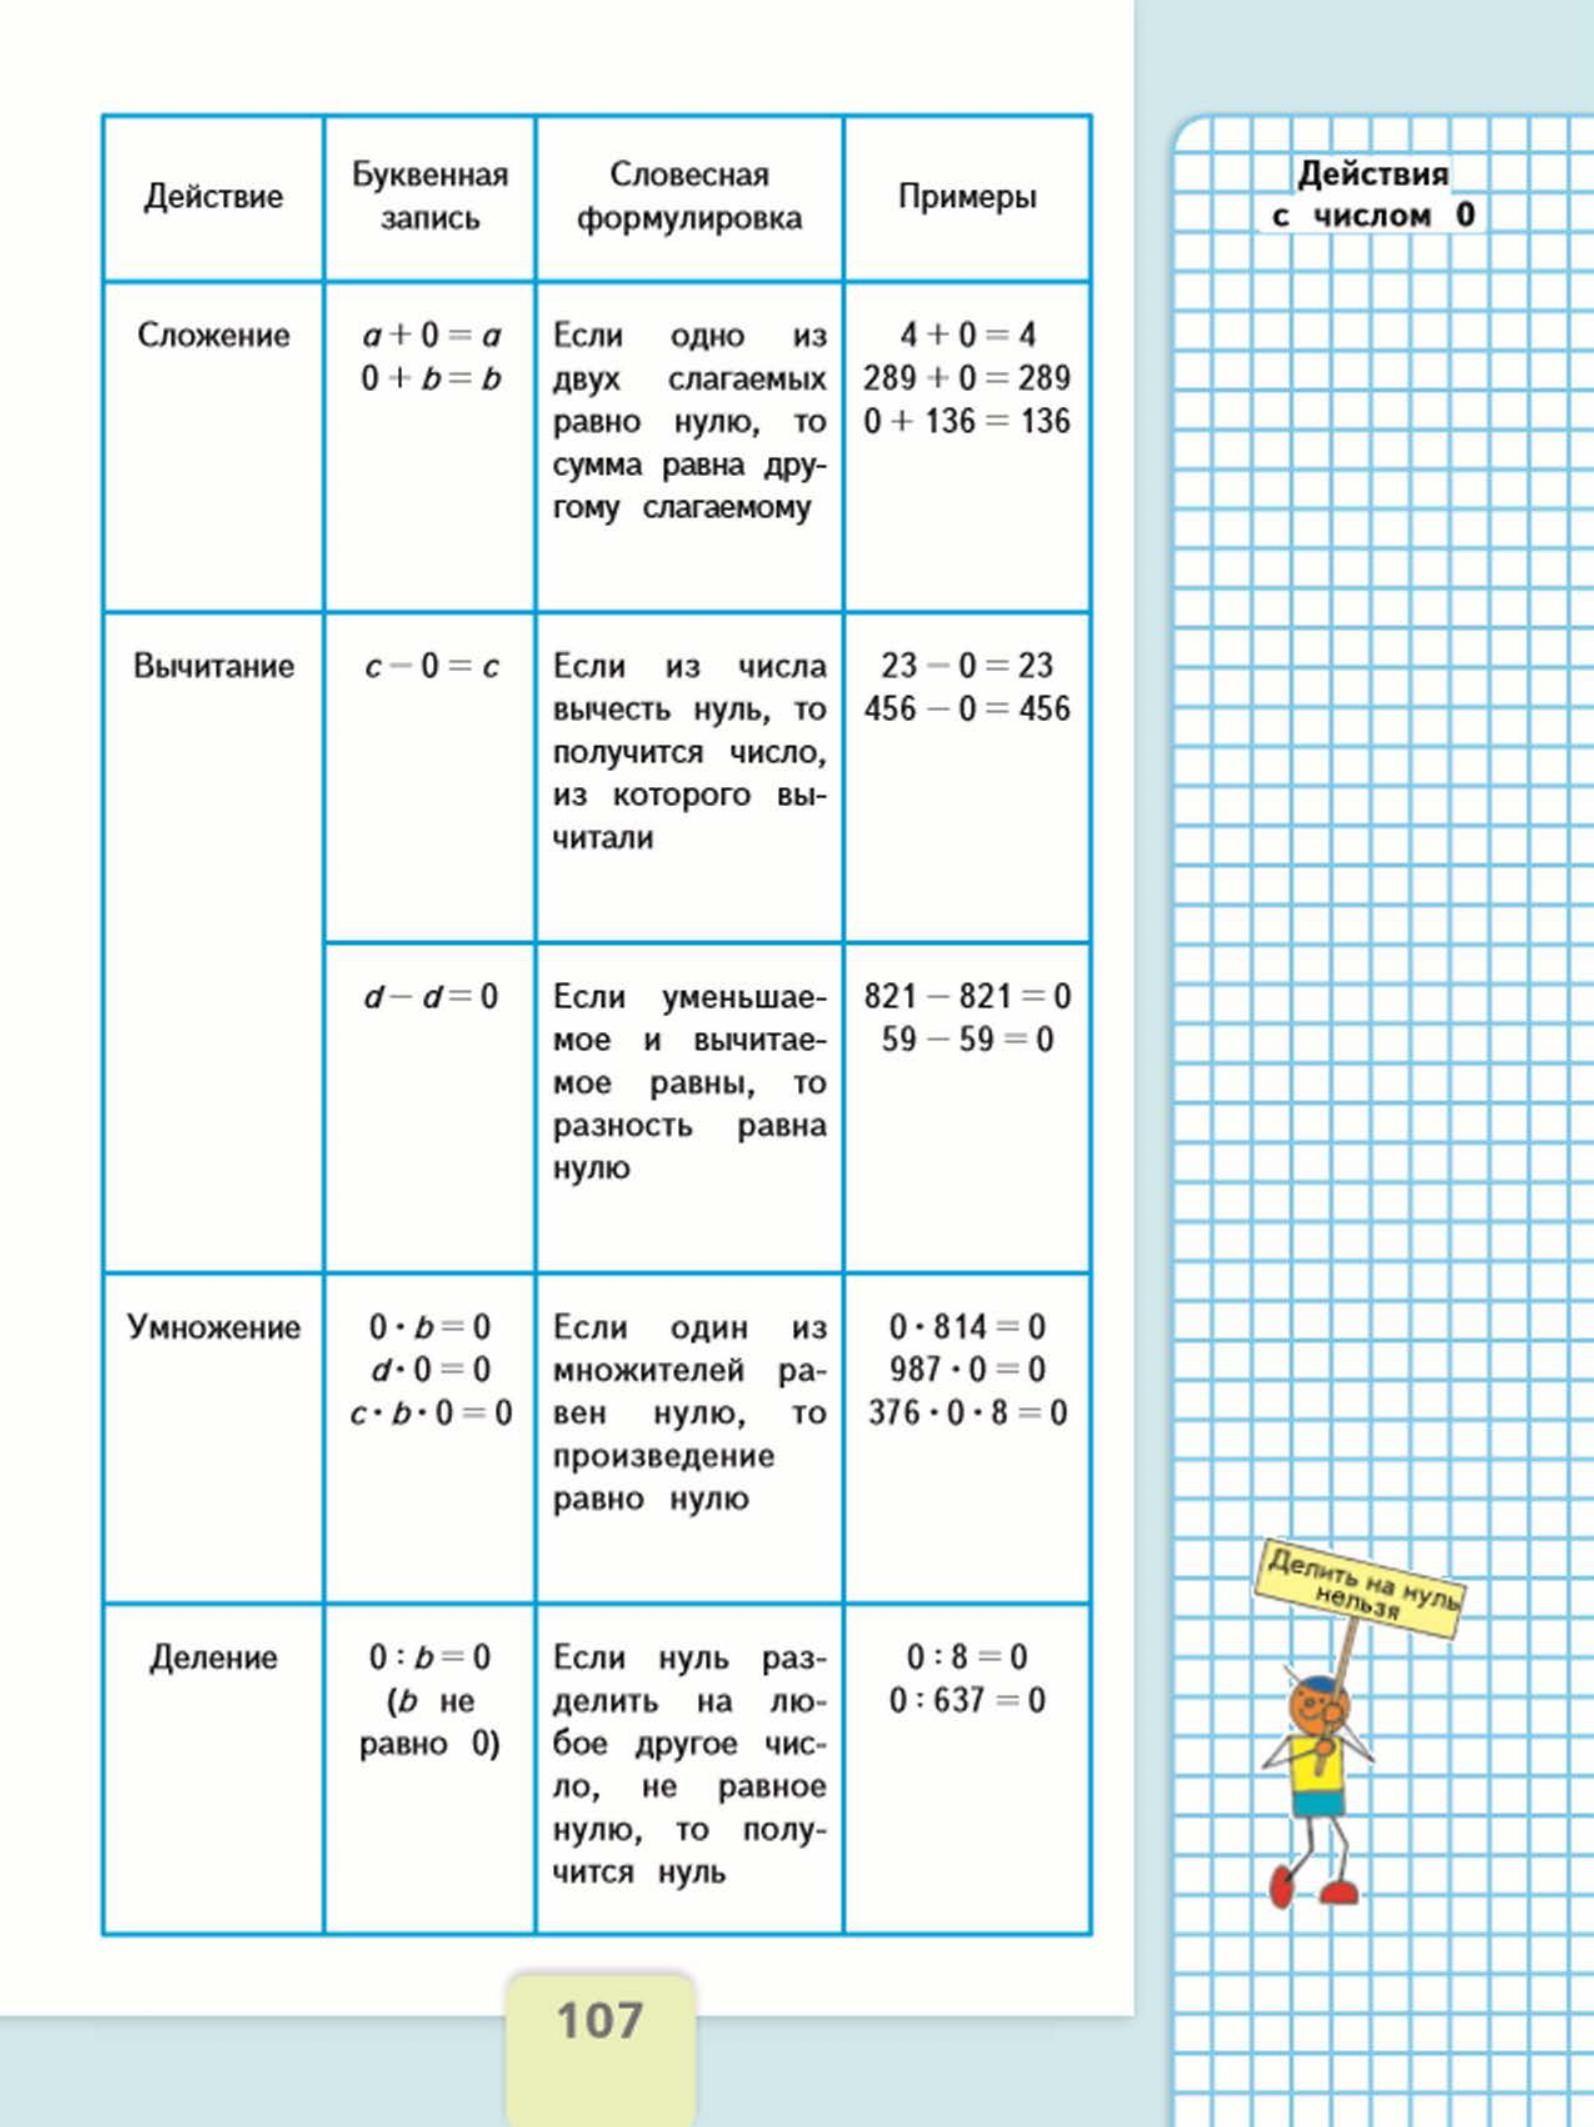 Поурочные разработки по английскому языку 11 класс биболетова скачать